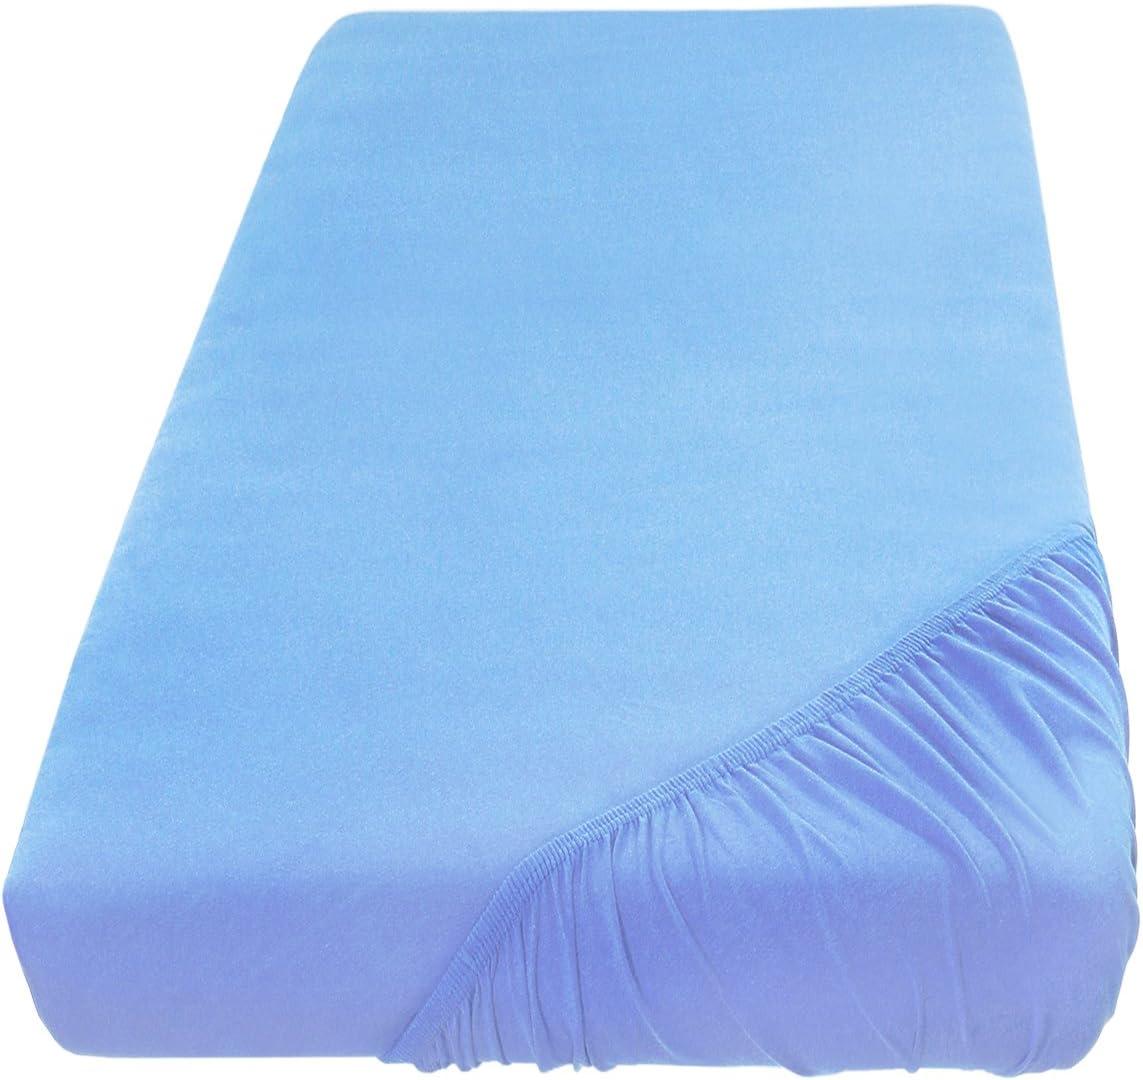 100/% algod/ón Turquesa 70 x 140 cm Todos los tama/ños y Colores SHC Textilien S/ábana Ajustable Jersey Timeless